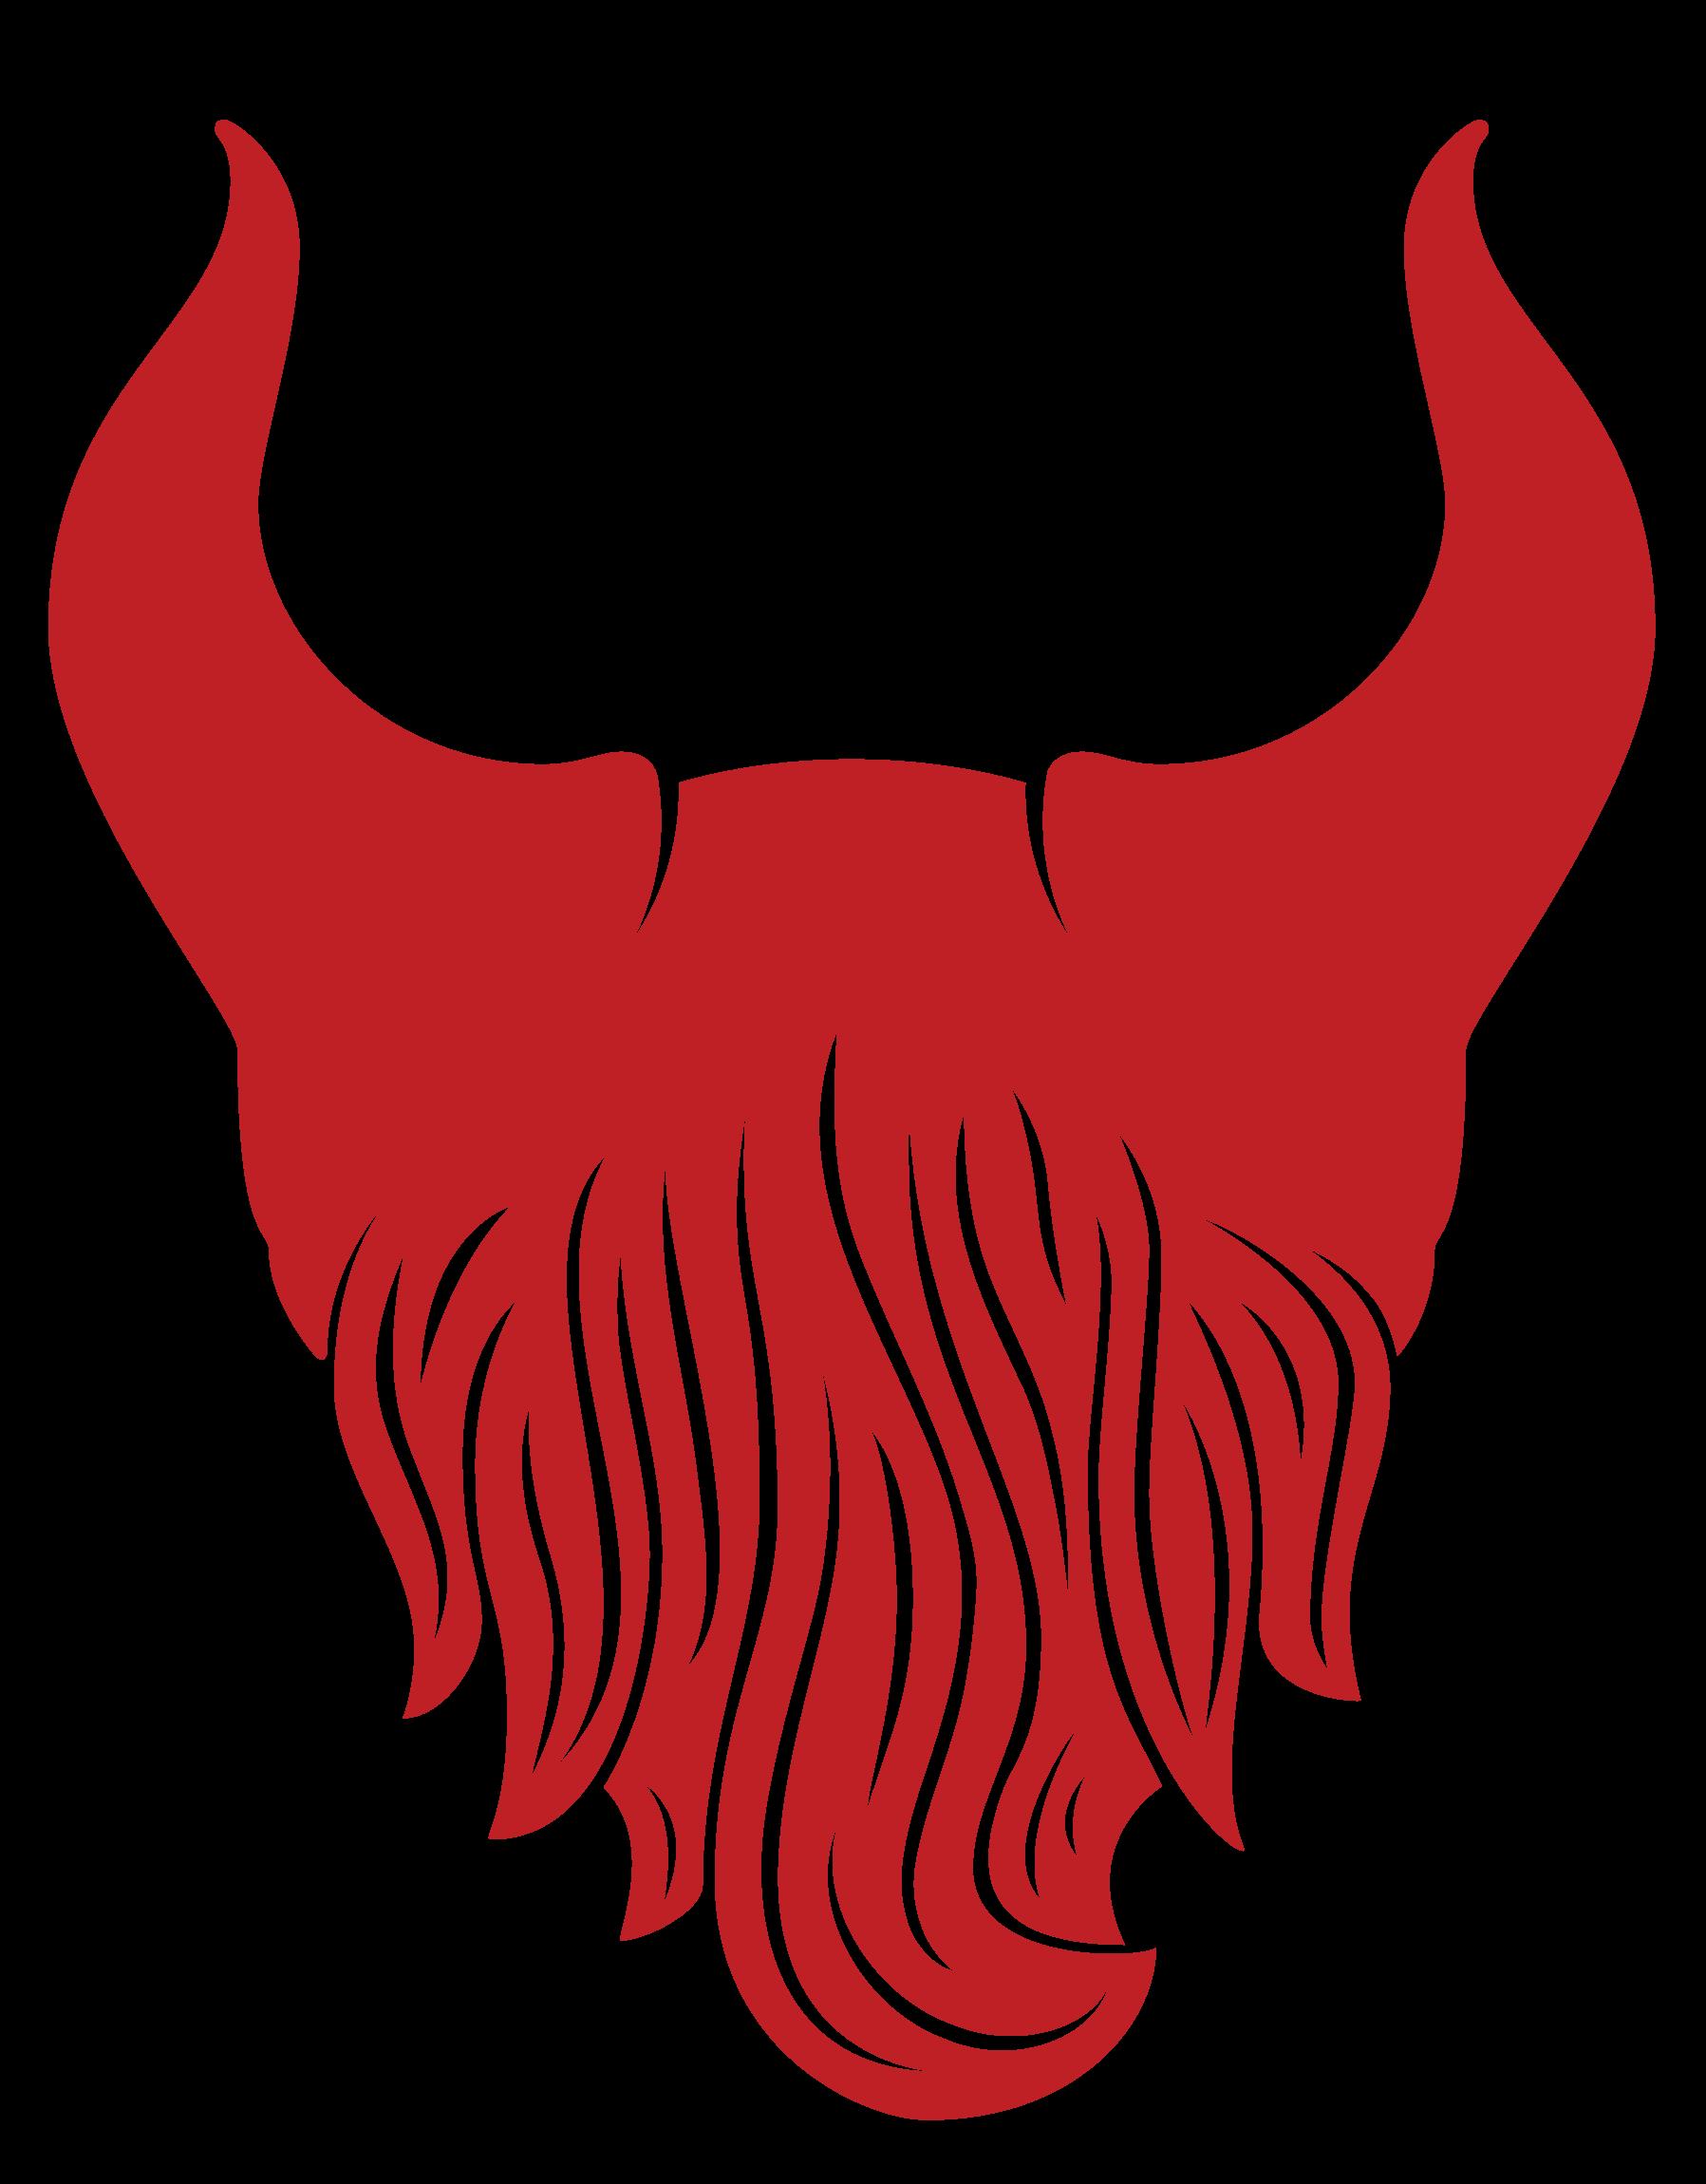 Beard man clip art. Devil clipart sticker